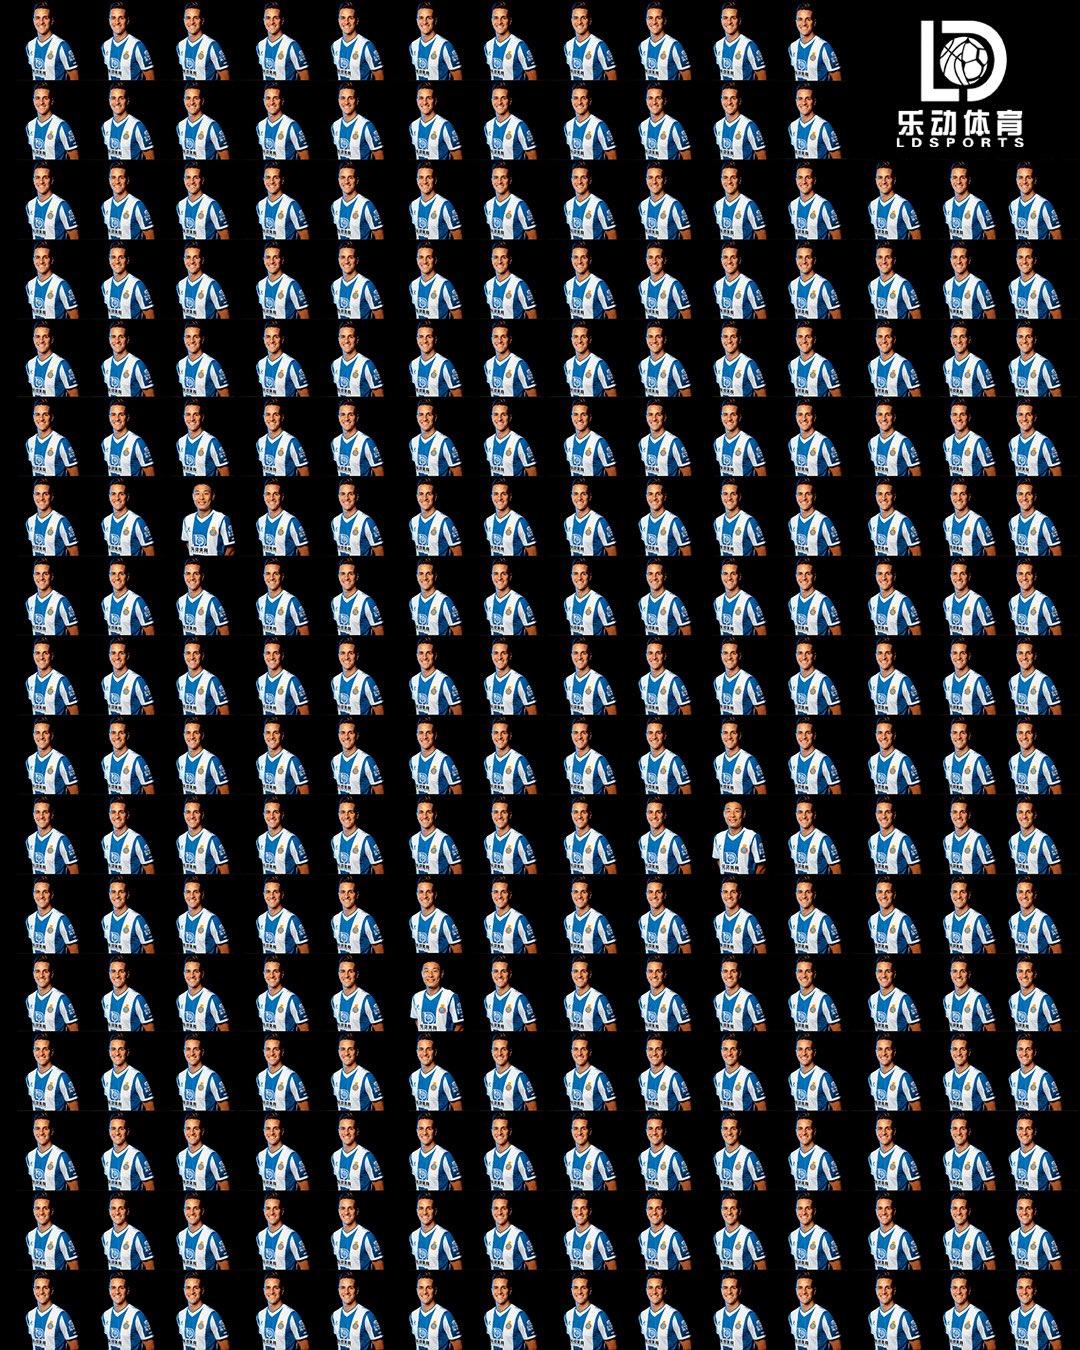 西班牙人官推发232人物图发问,你能在5秒内找到武磊吗?